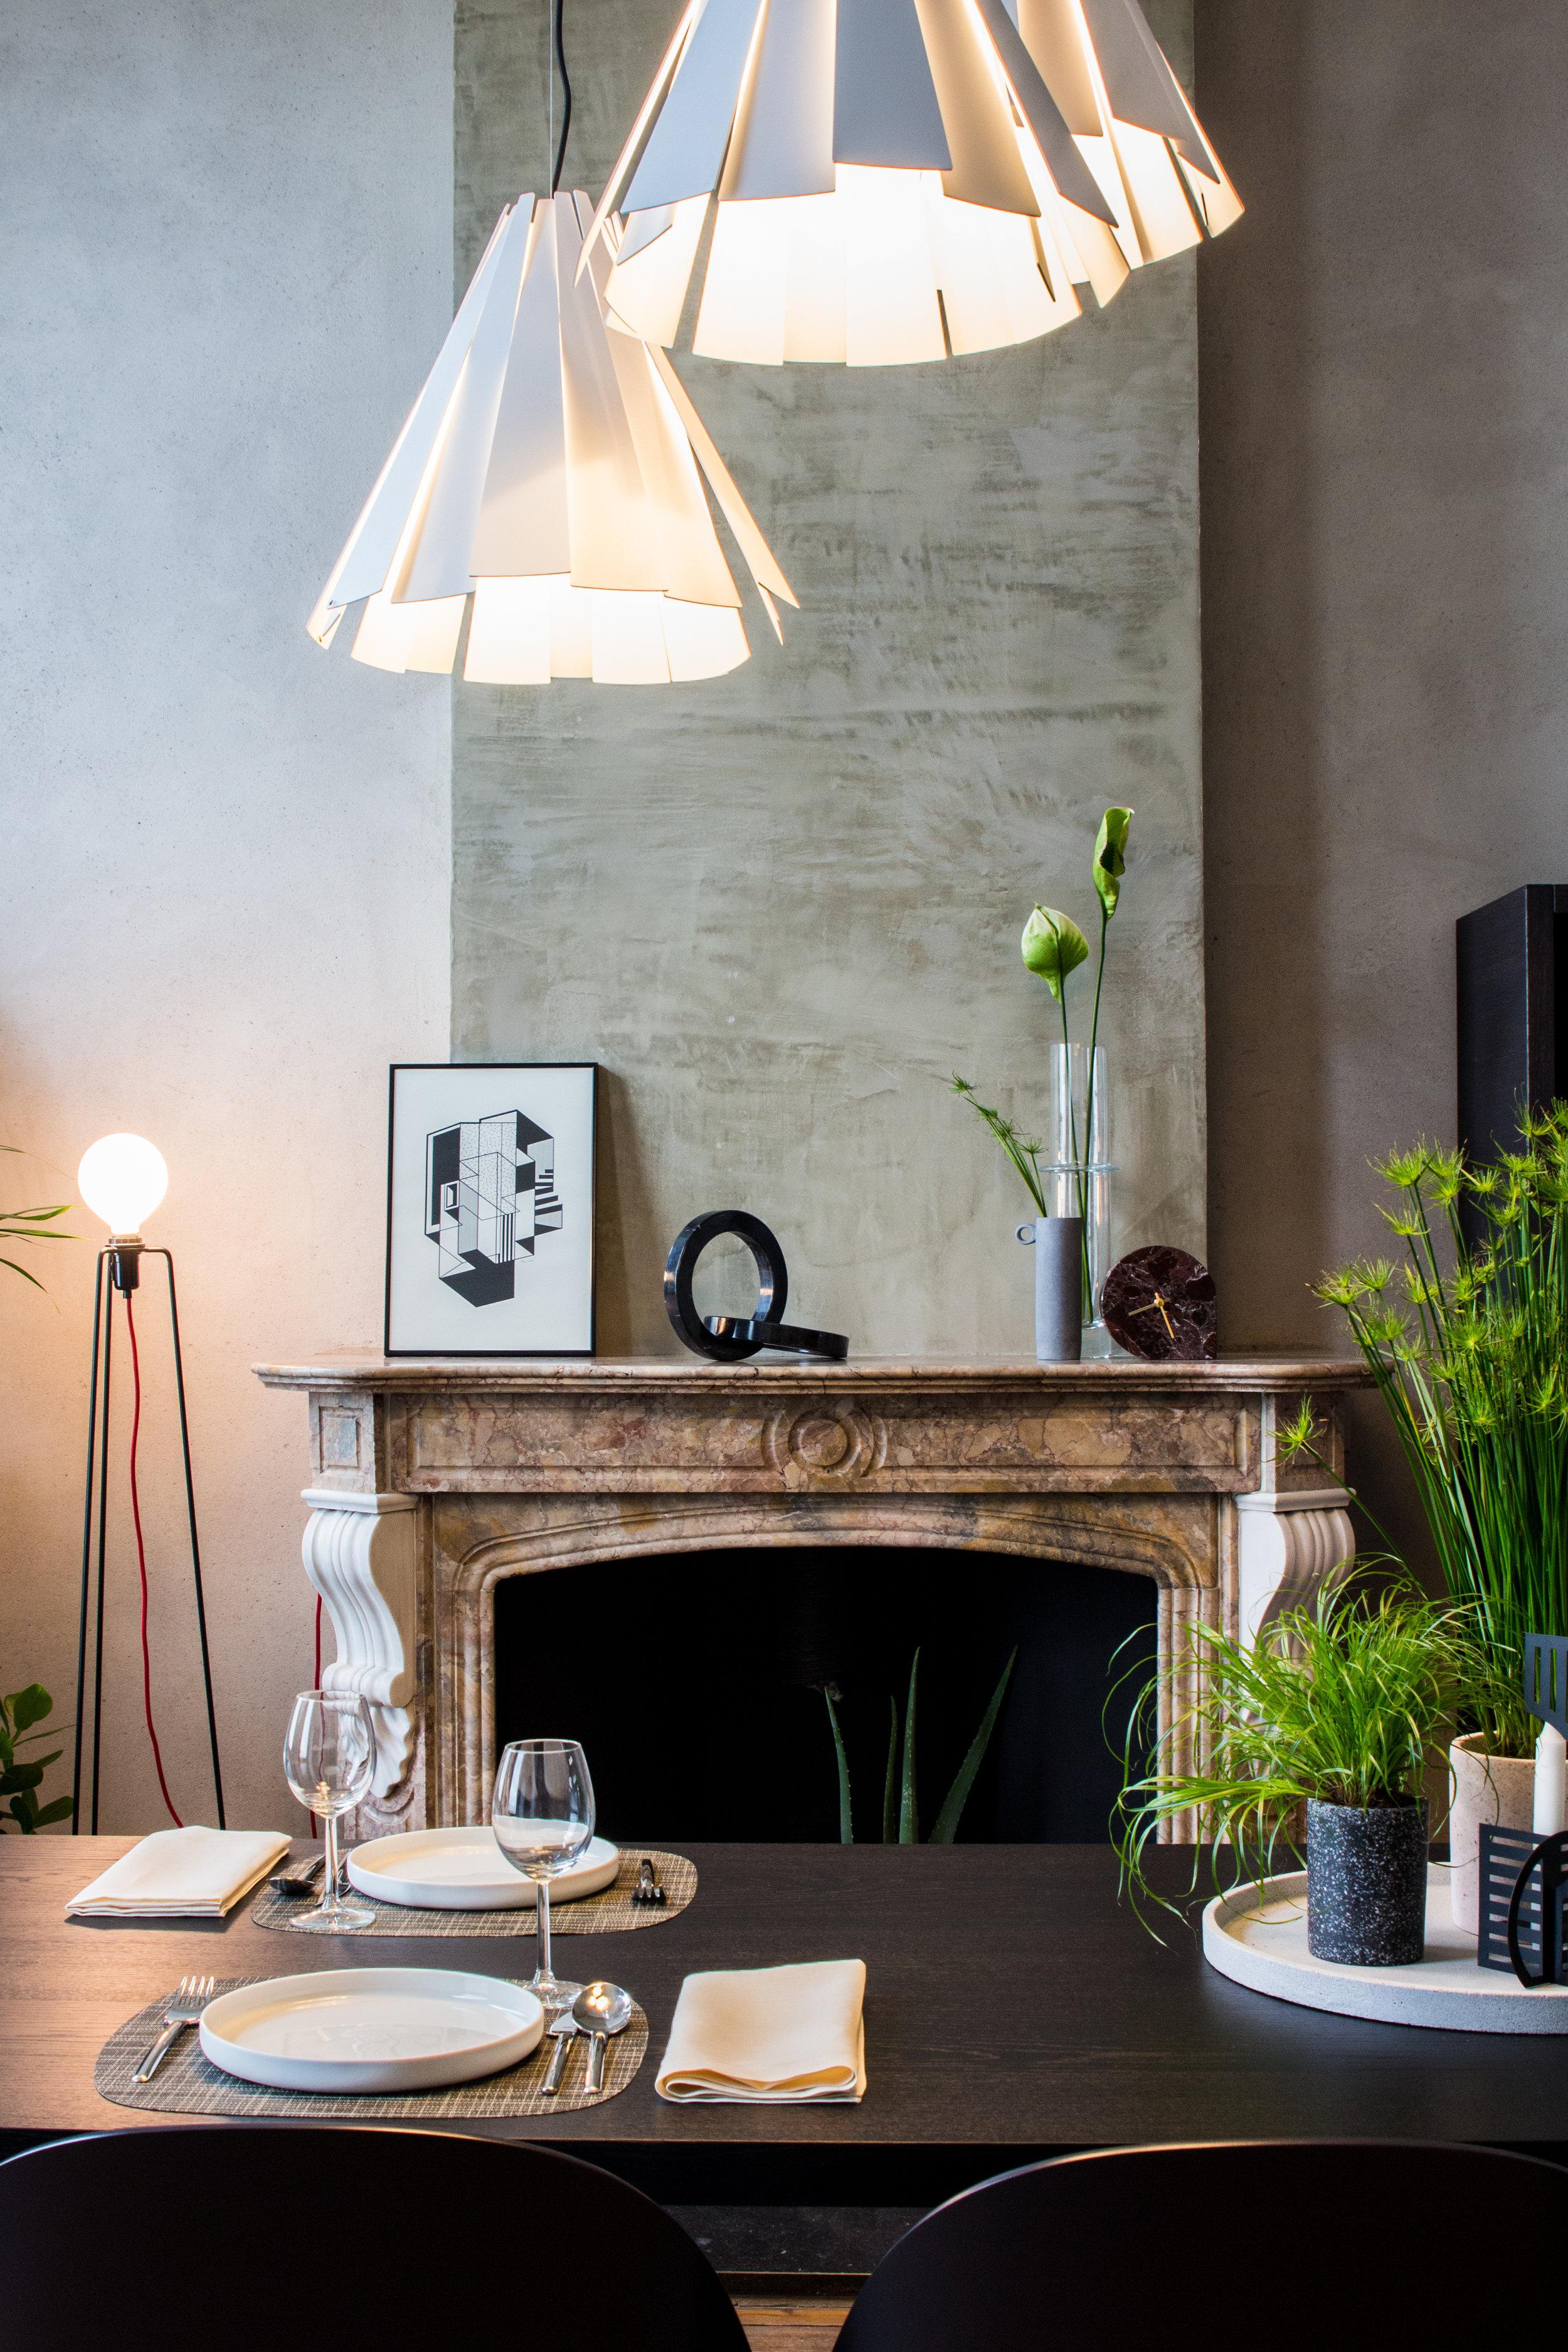 Roomin-Gent-Dining-Room-1.JPG